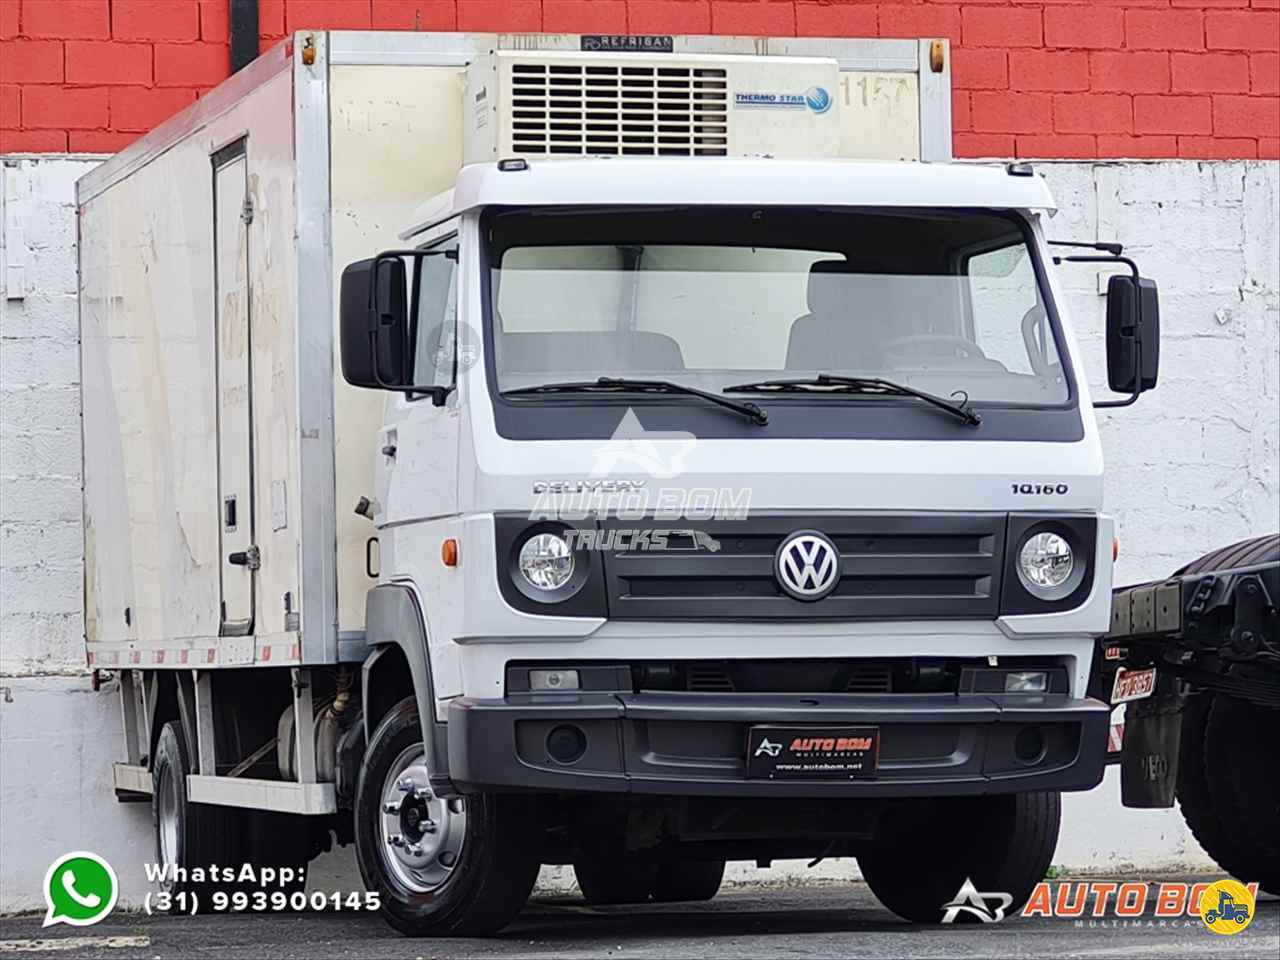 CAMINHAO VOLKSWAGEN VW 10160 Baú Frigorífico 3/4 4x2 Autobom Trucks CONTAGEM MINAS GERAIS MG